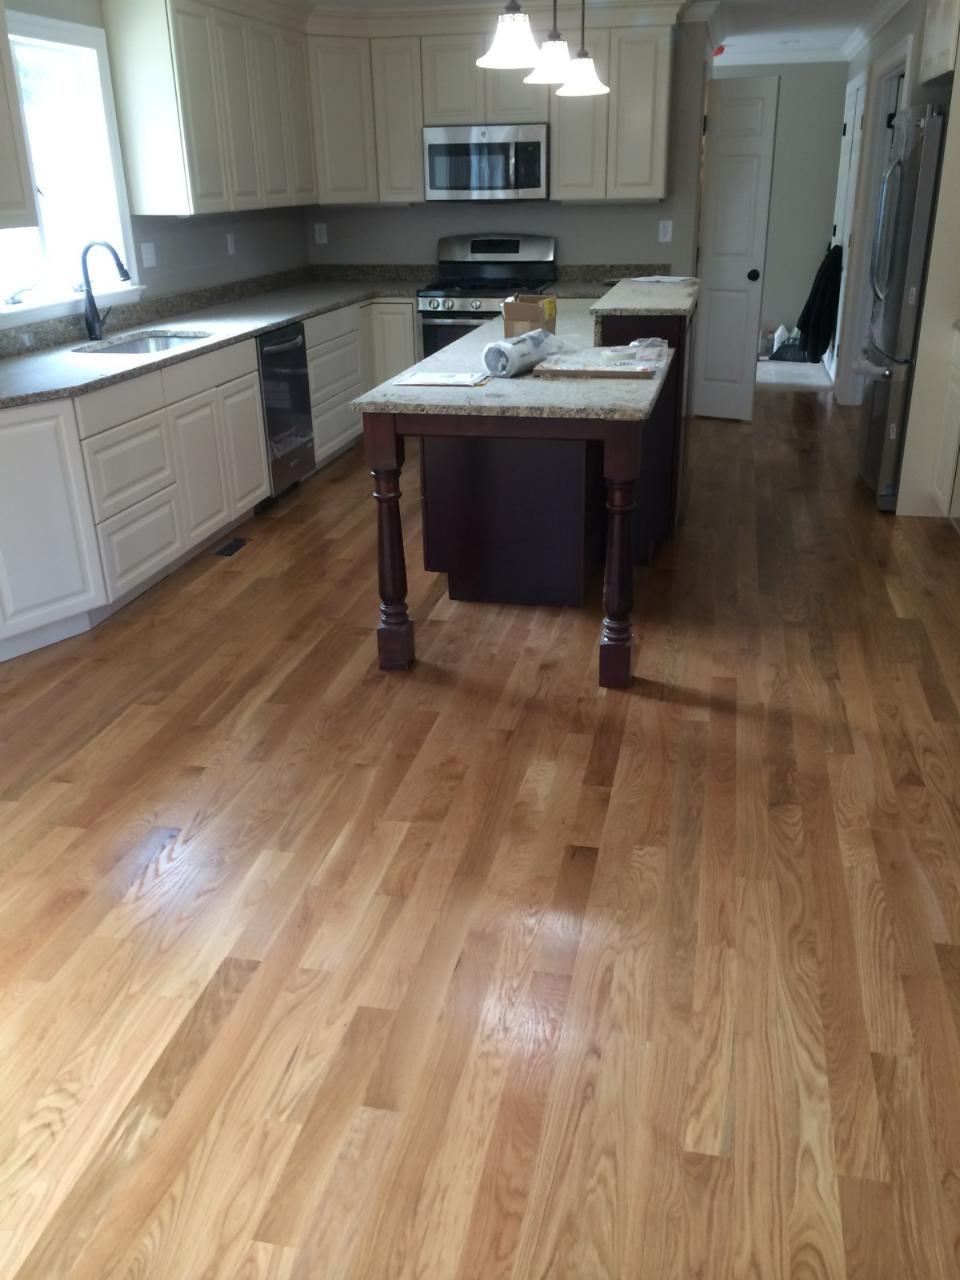 3 1 4 White Oak Hardwood Floors In Harvard Ma White Hardwood Floors White Oak Hardwood Floors Hardwood Floors